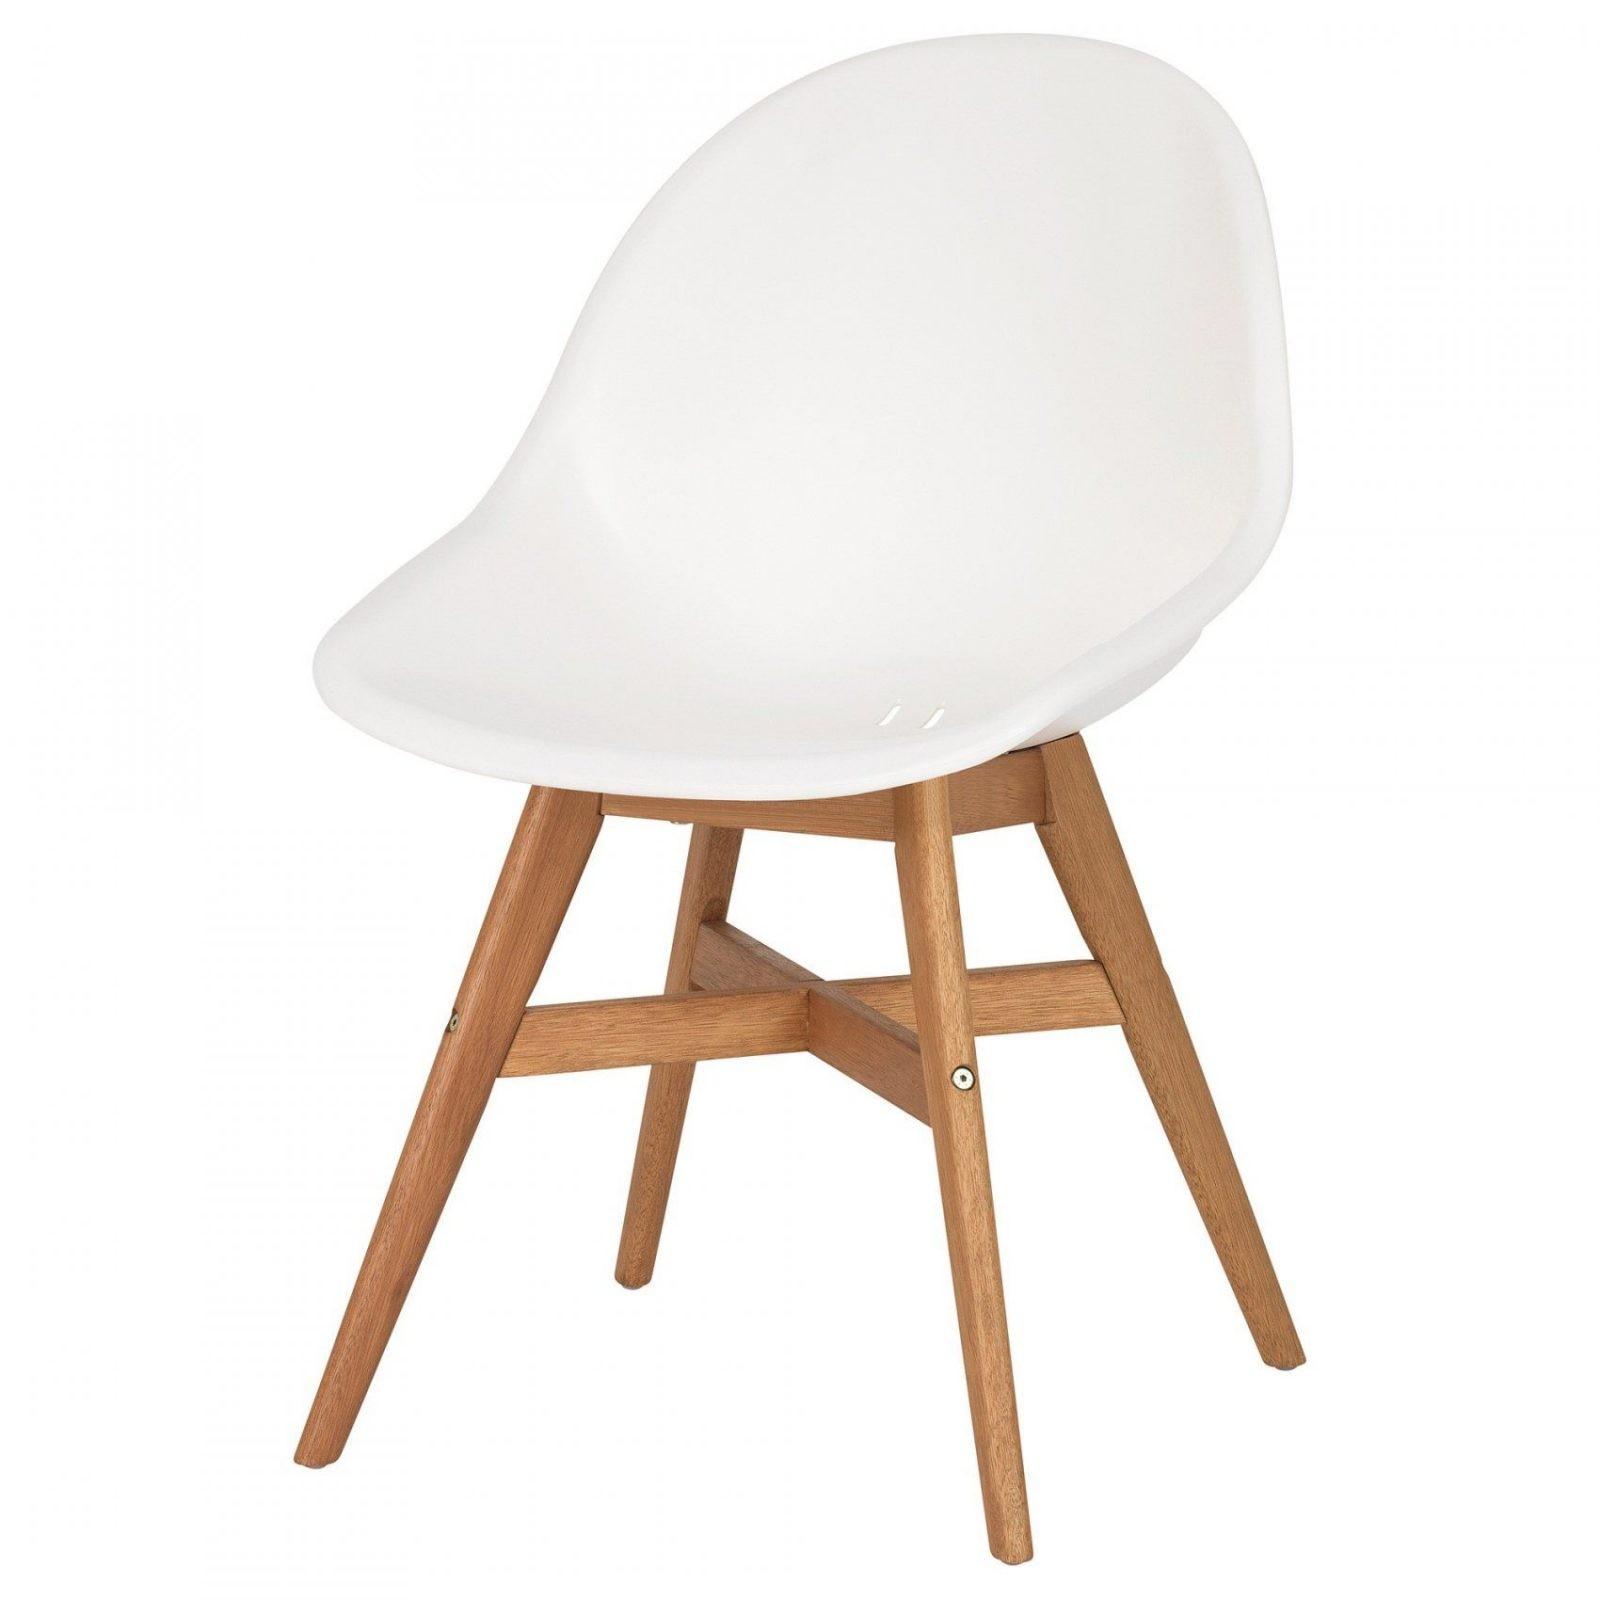 Esszimmer Ideen Entzückend Esszimmerstühle Ikea Design Zauberhaft von Ikea Stühle Mit Armlehne Bild